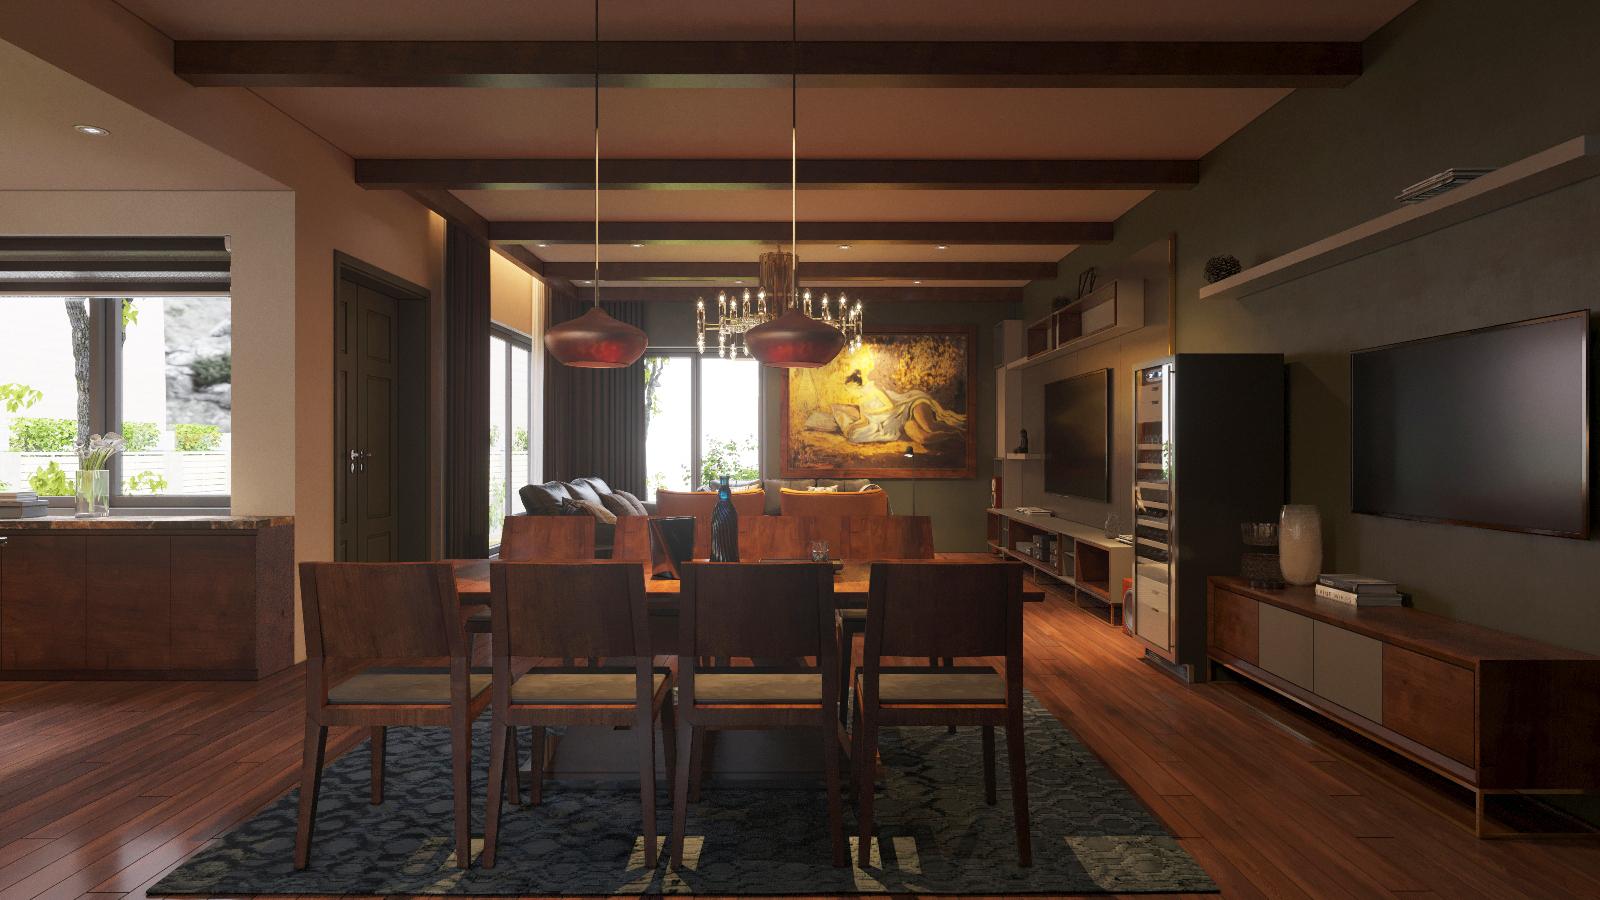 thiết kế Nội thất Biệt Thự 3 tầng biệt thự bt25 splendora mới (lakeside splendora)23